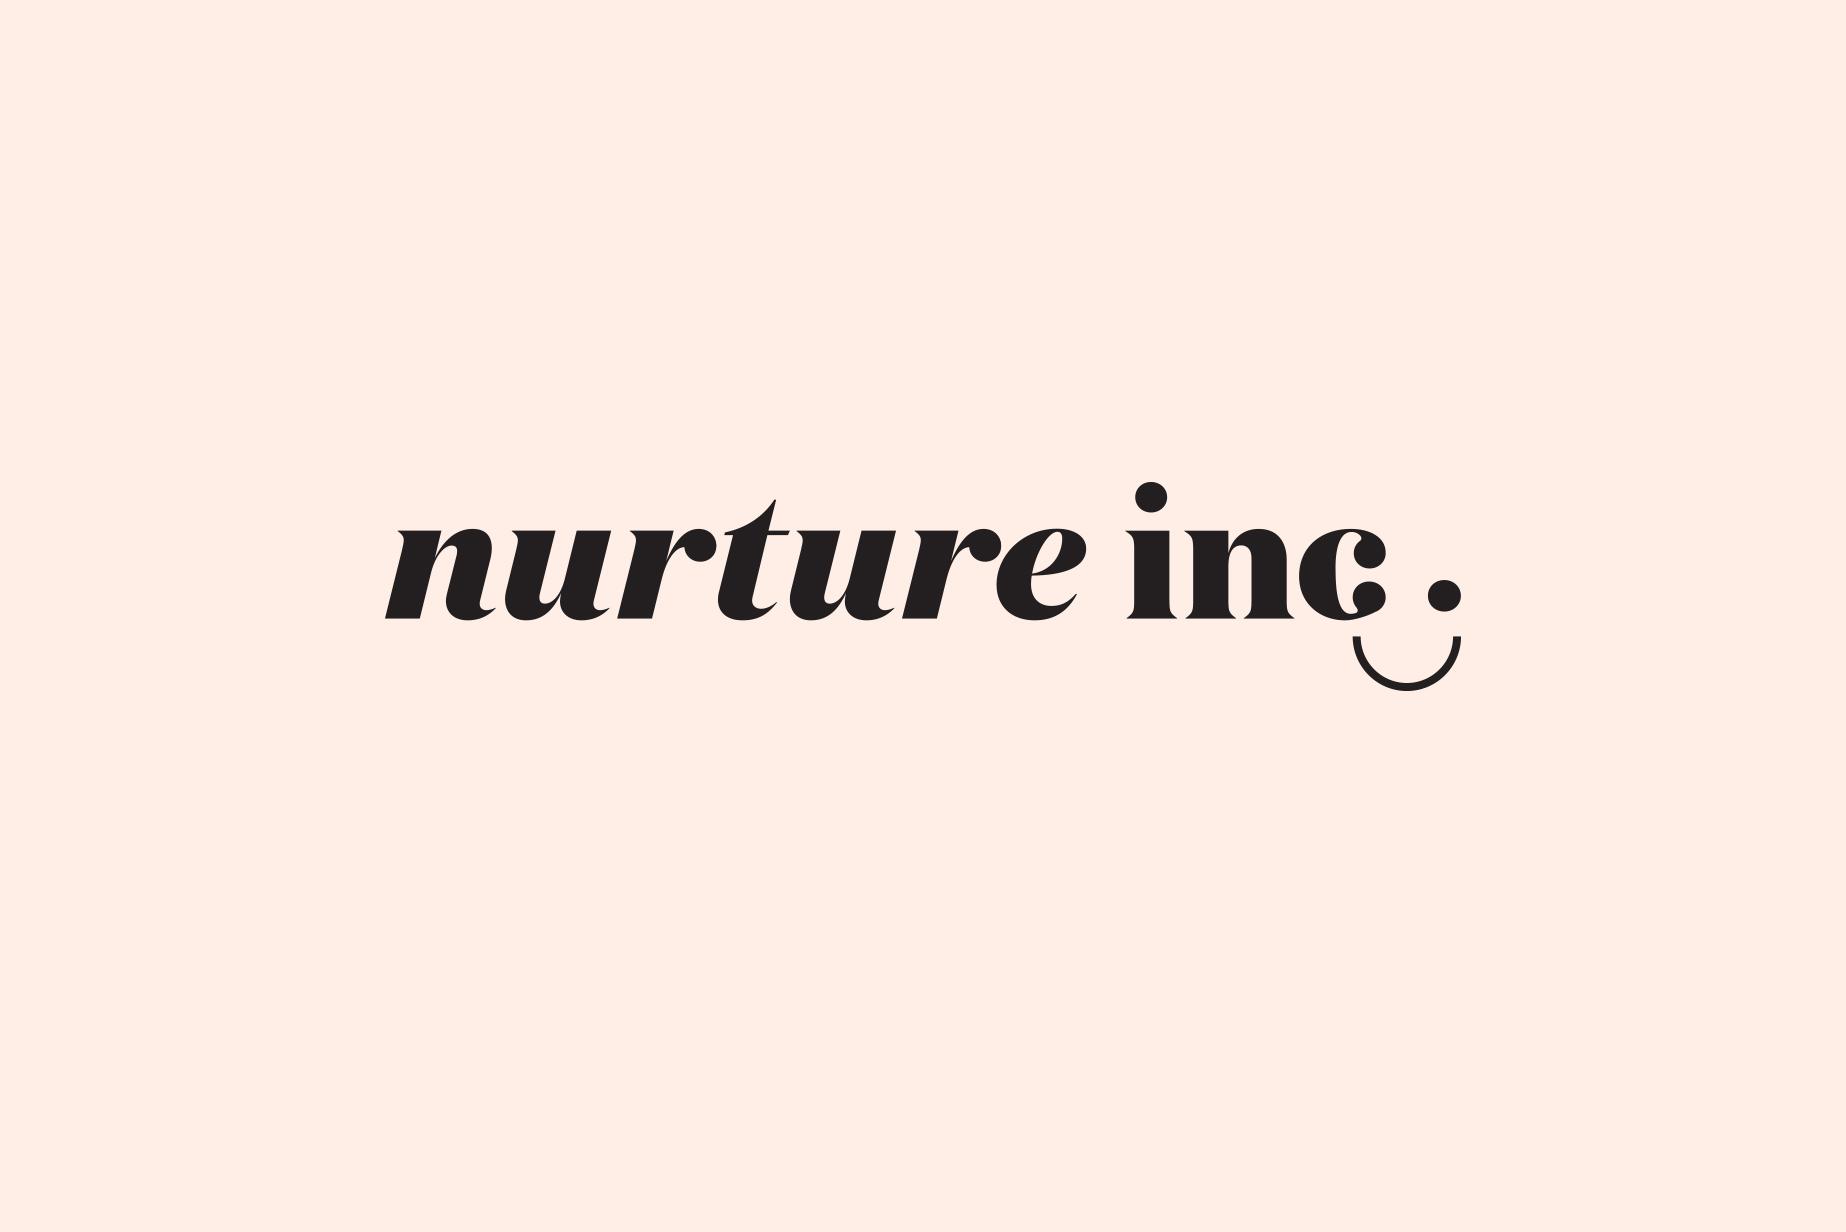 NurtureInc_logo.jpg